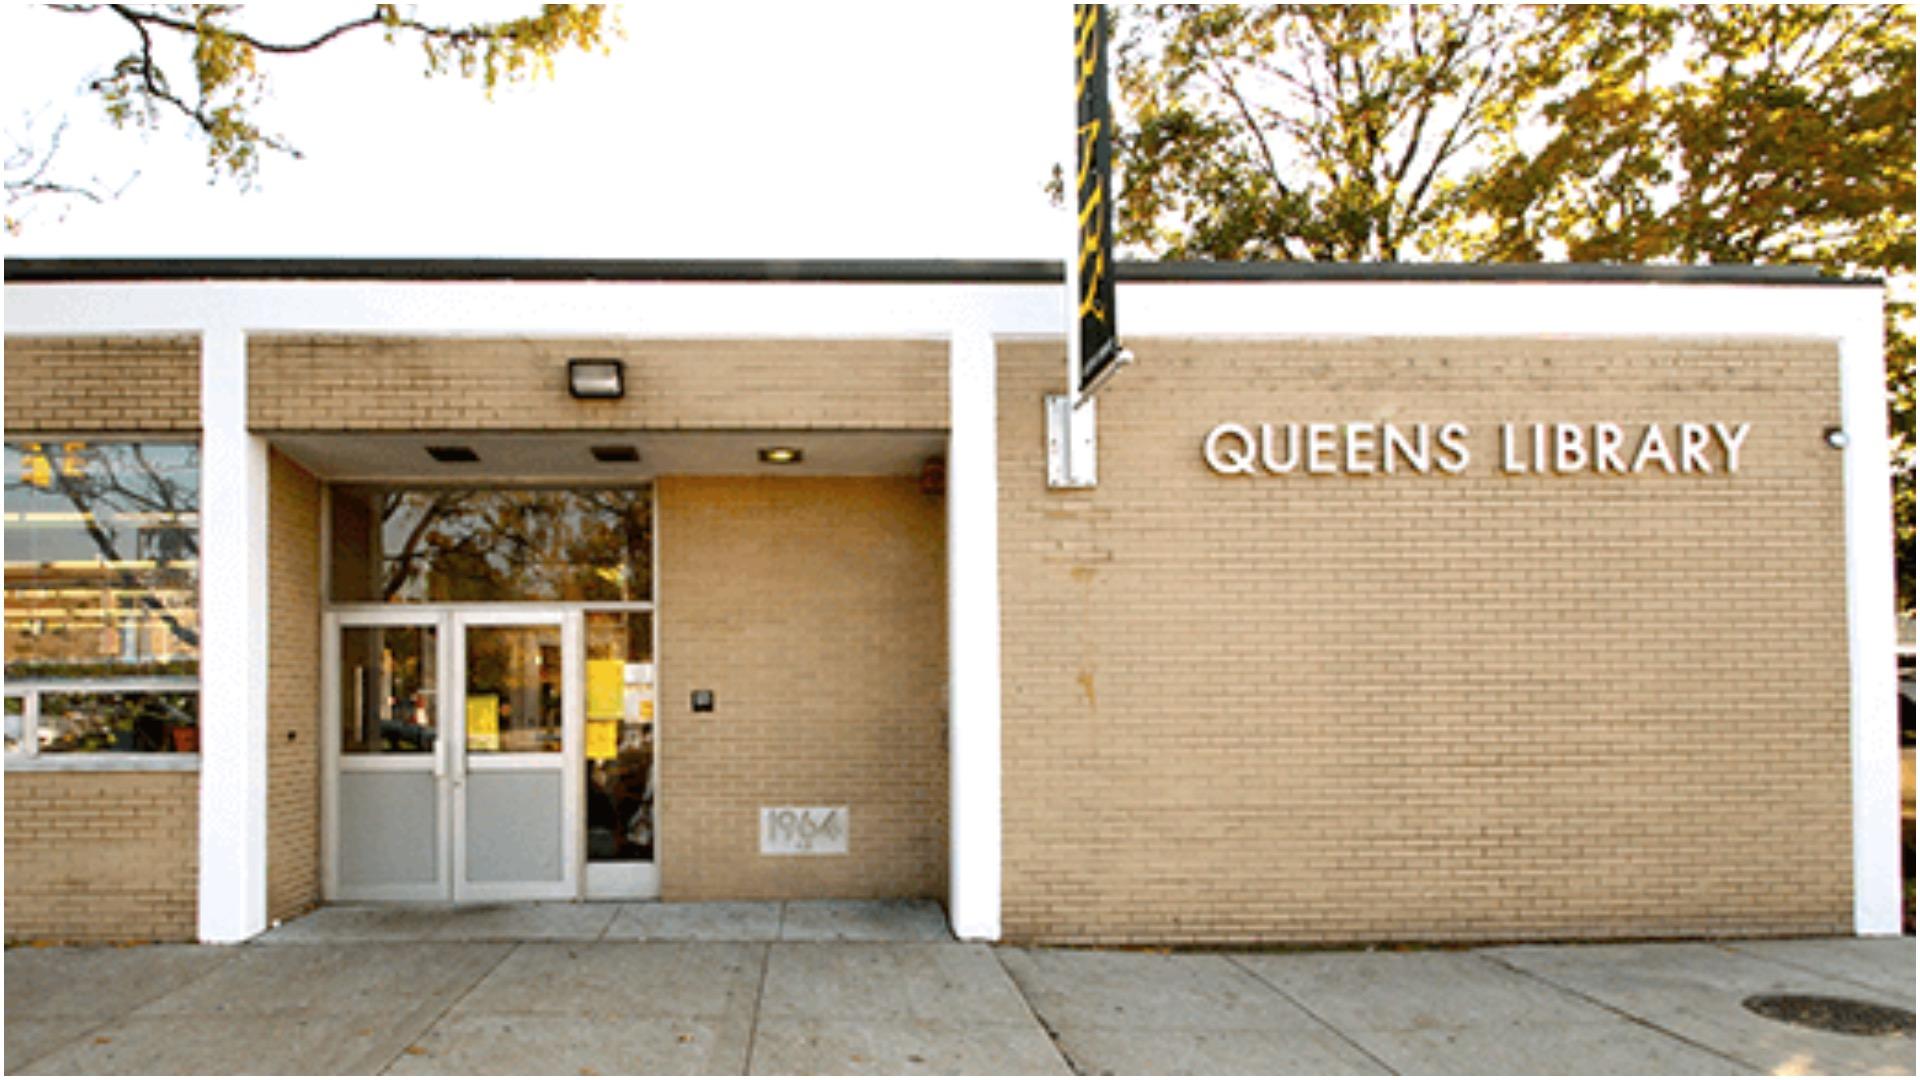 ■新冠肺炎疫情在紐約市進一步緩和,皇后區7間圖書館下周重開。